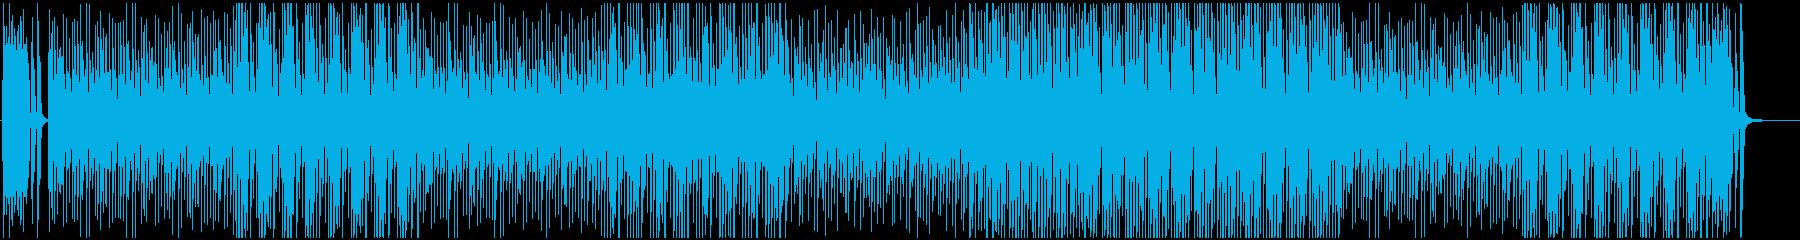 マリンバを使ったほのぼの・コミカルBGMの再生済みの波形